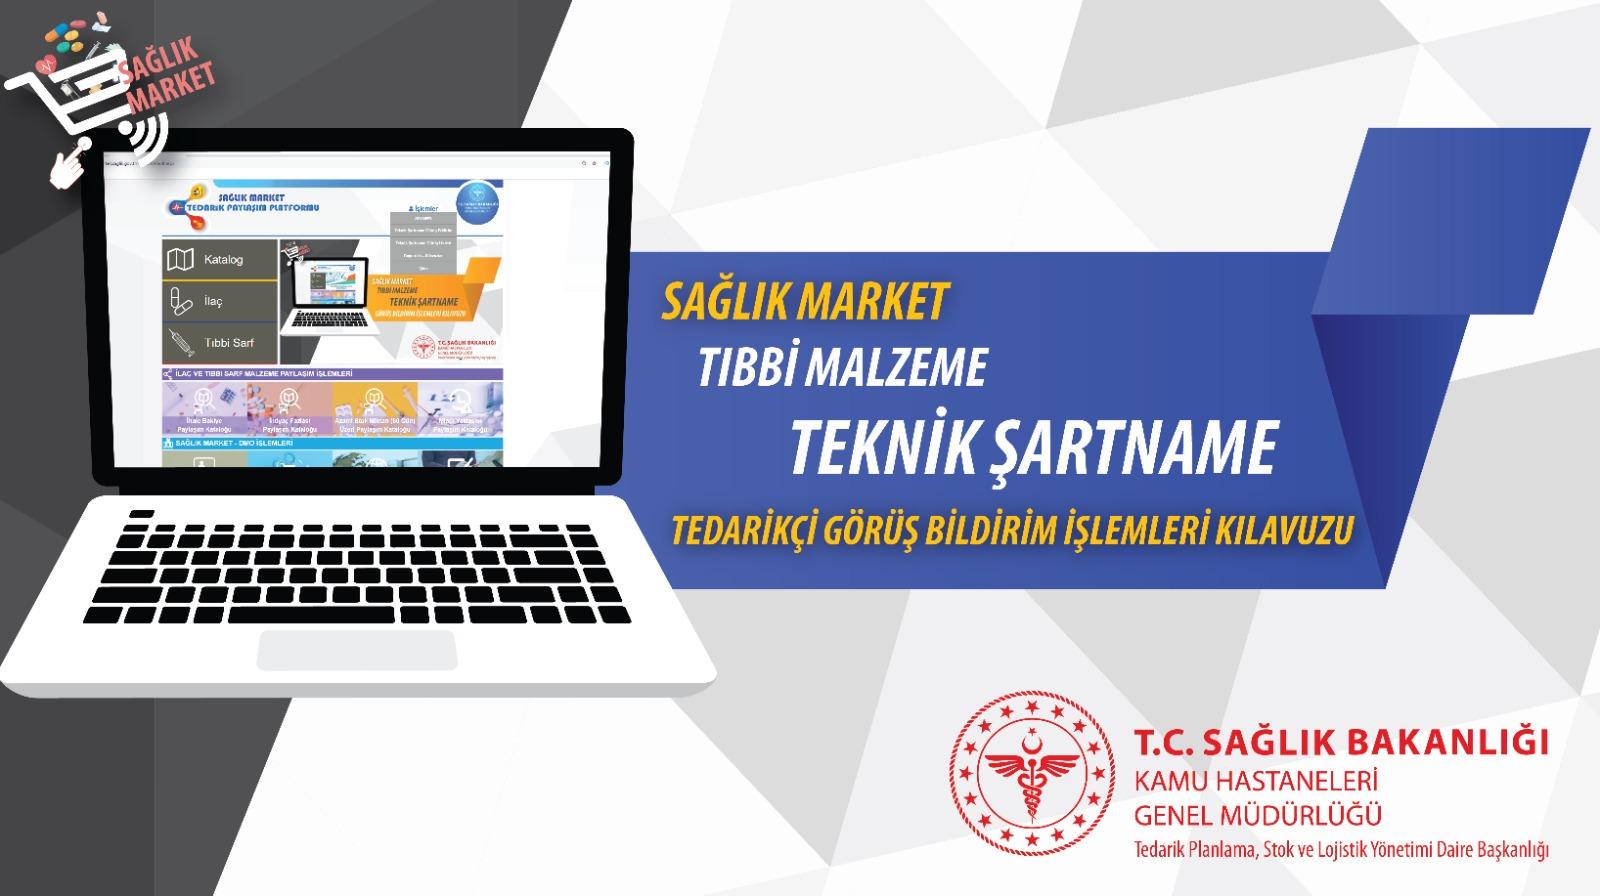 Sağlık Market Tıbbi Malzeme Teknik Şartname Görüşleri Hakkında 2